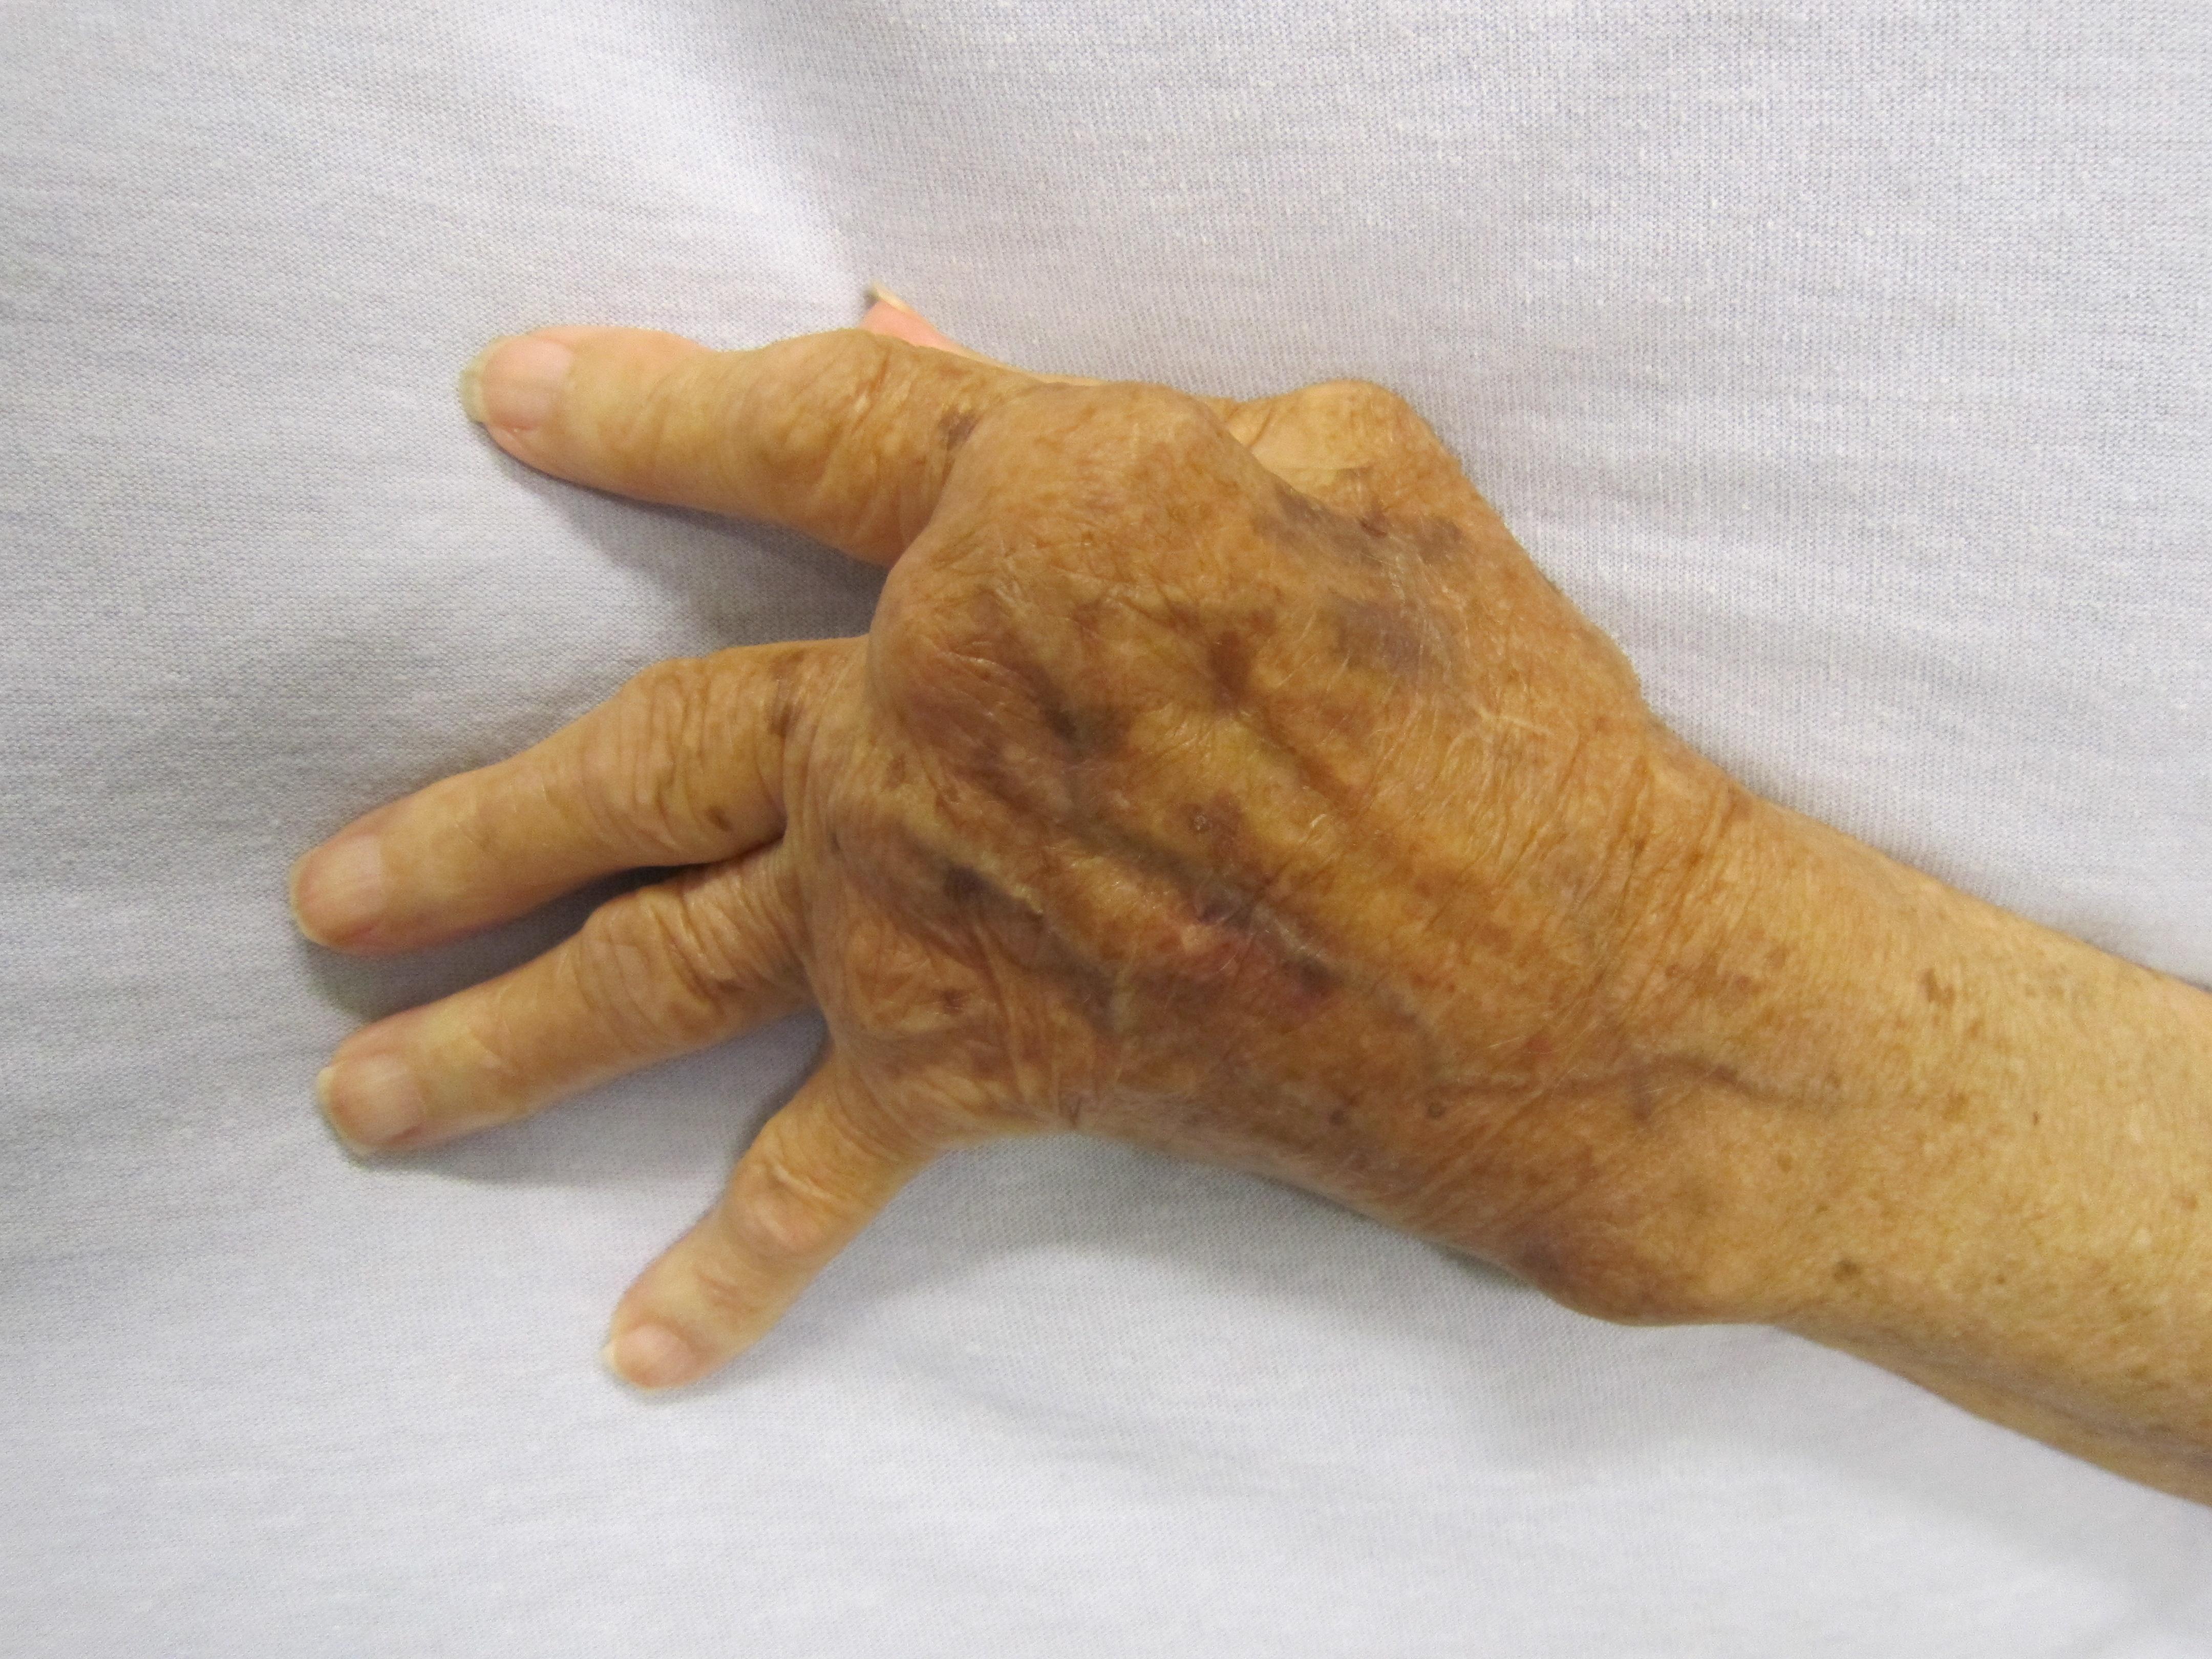 csípő artrózisa és kezelése csípő fájdalom íngyulladás